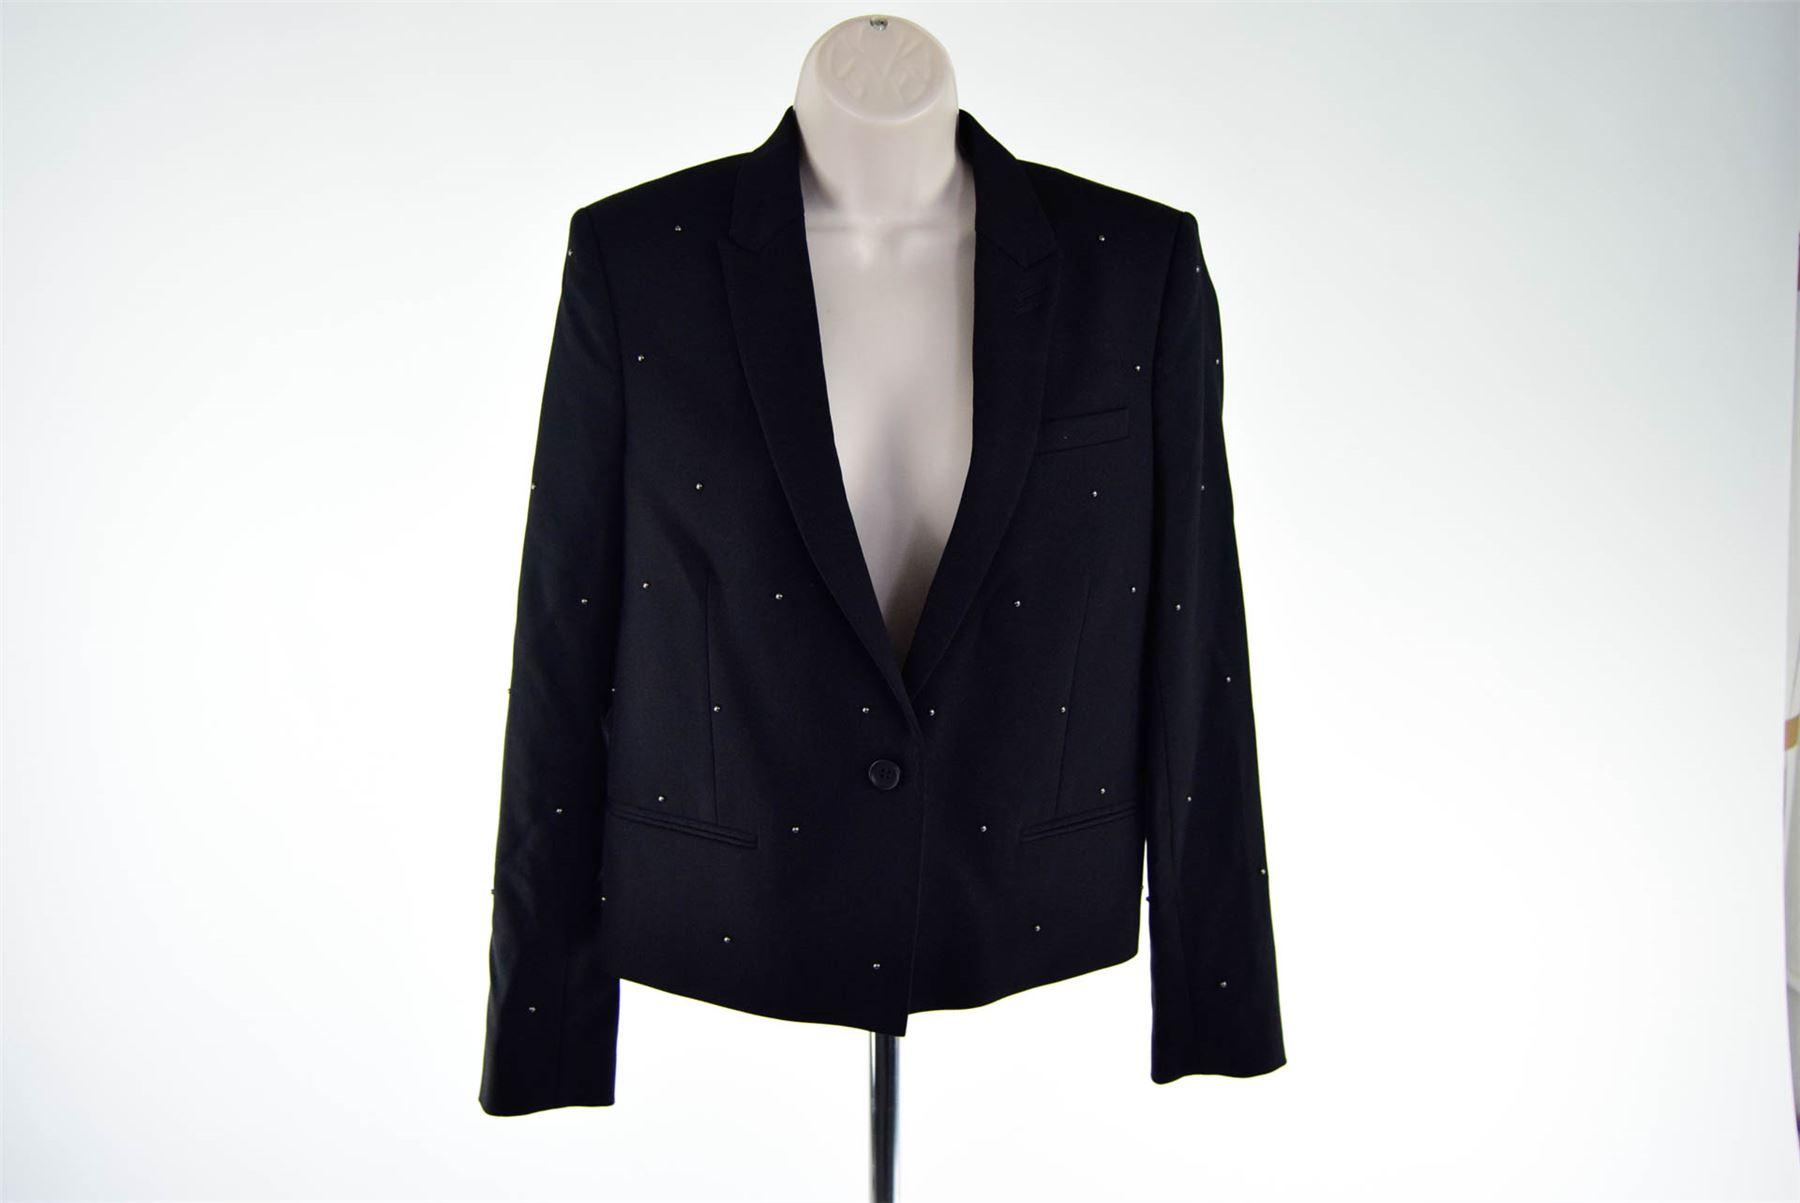 45605d9be55 Details about THE KOOPLES Black Wool Blend Studded Blazer Jacket, UK 10 US  6 EU 38